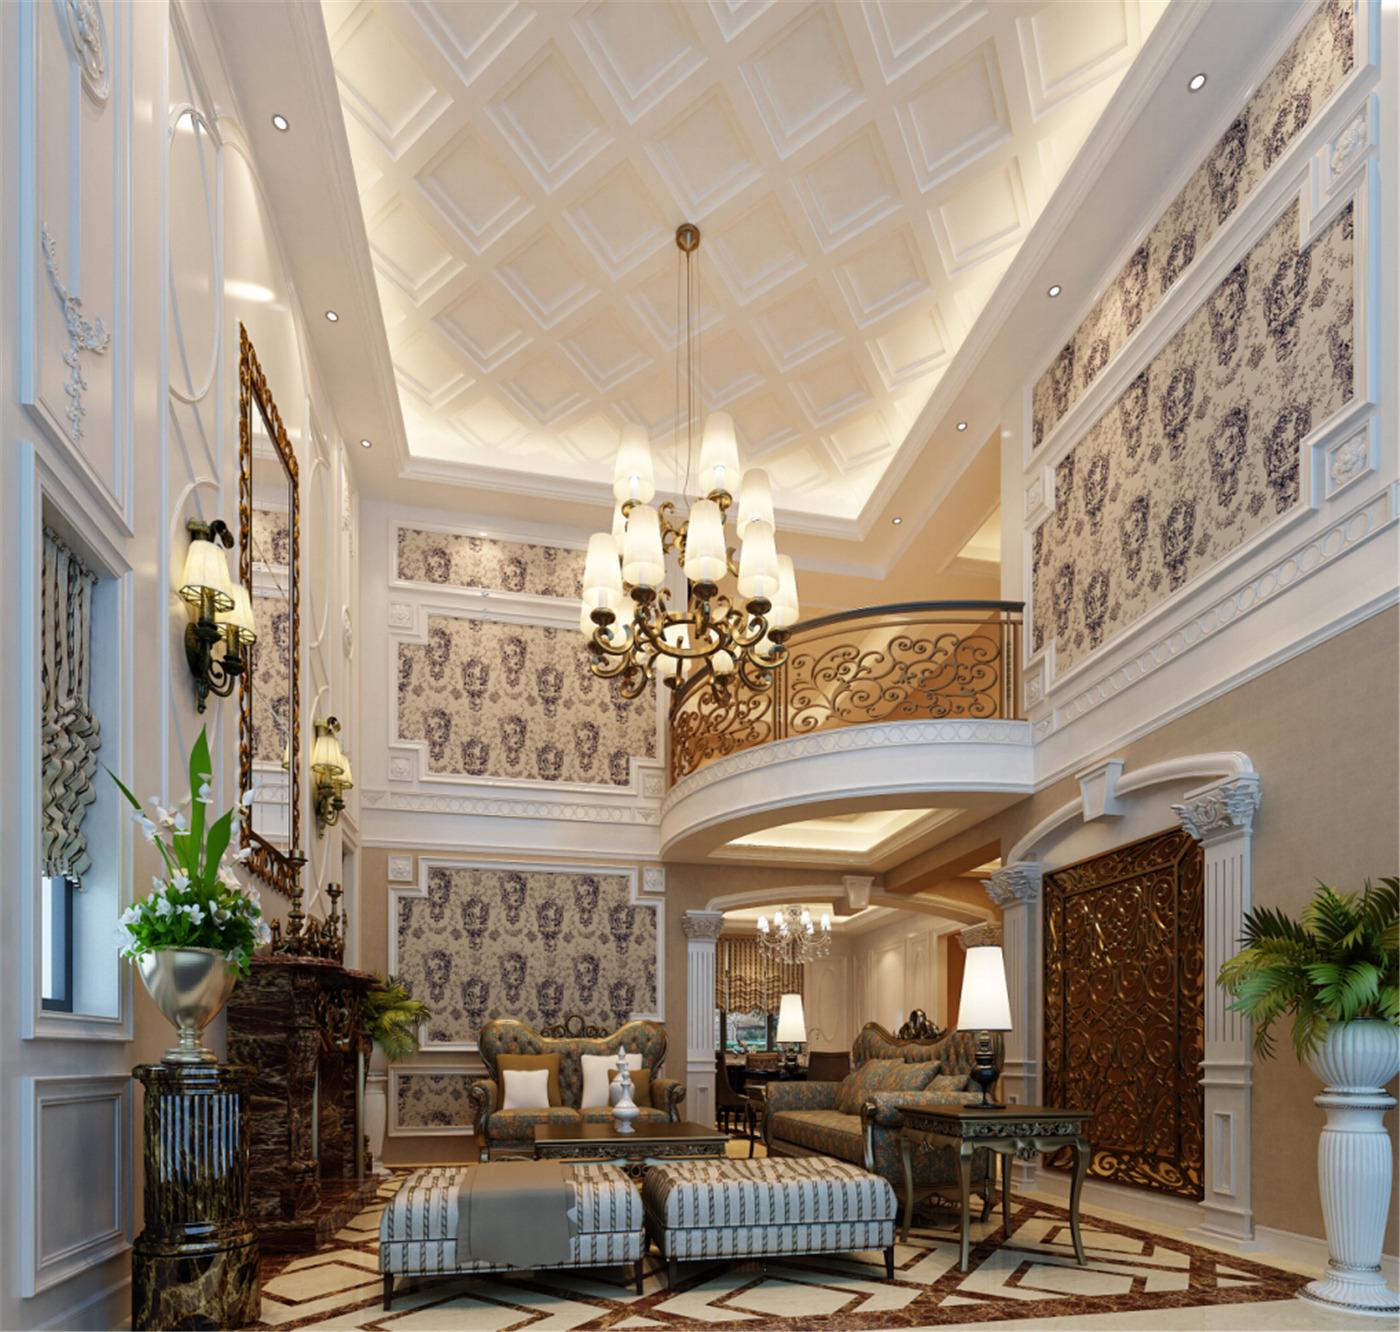 保利叶城 别墅装修 别墅设计 欧式风格 腾龙设计 客厅图片来自腾龙设计在保利叶城239号别墅装修设计案例的分享